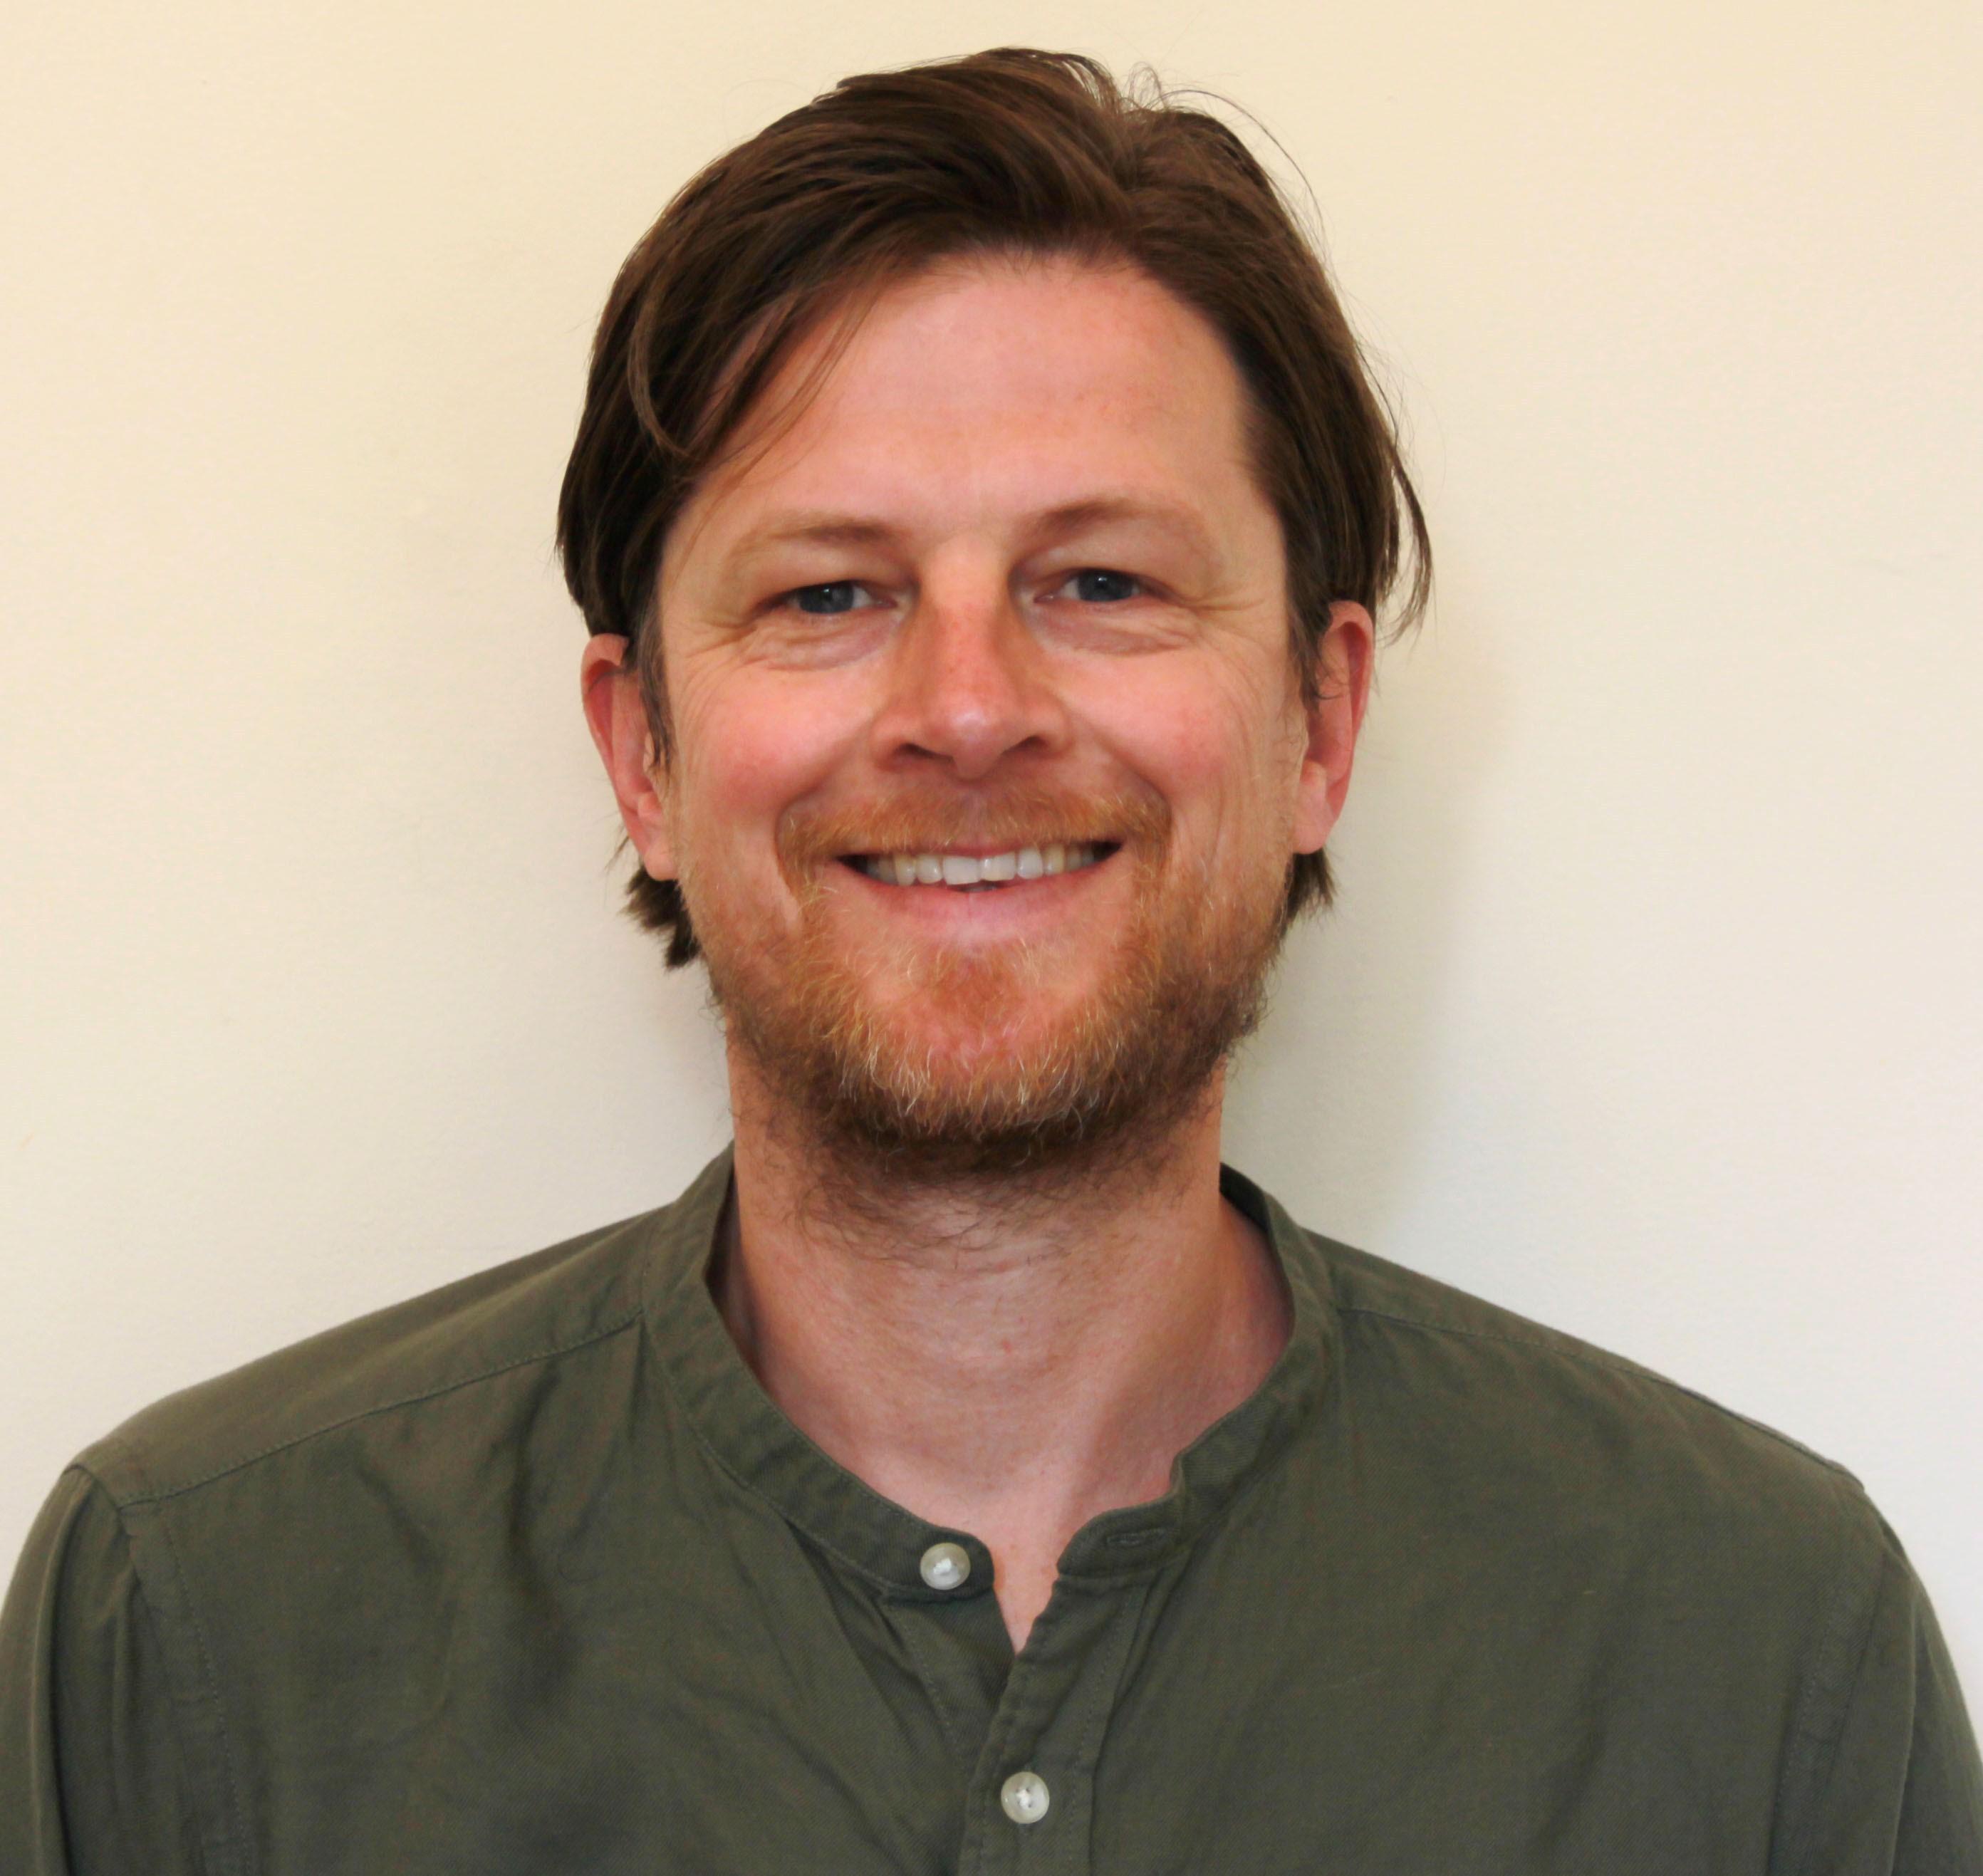 Matthew Lambert